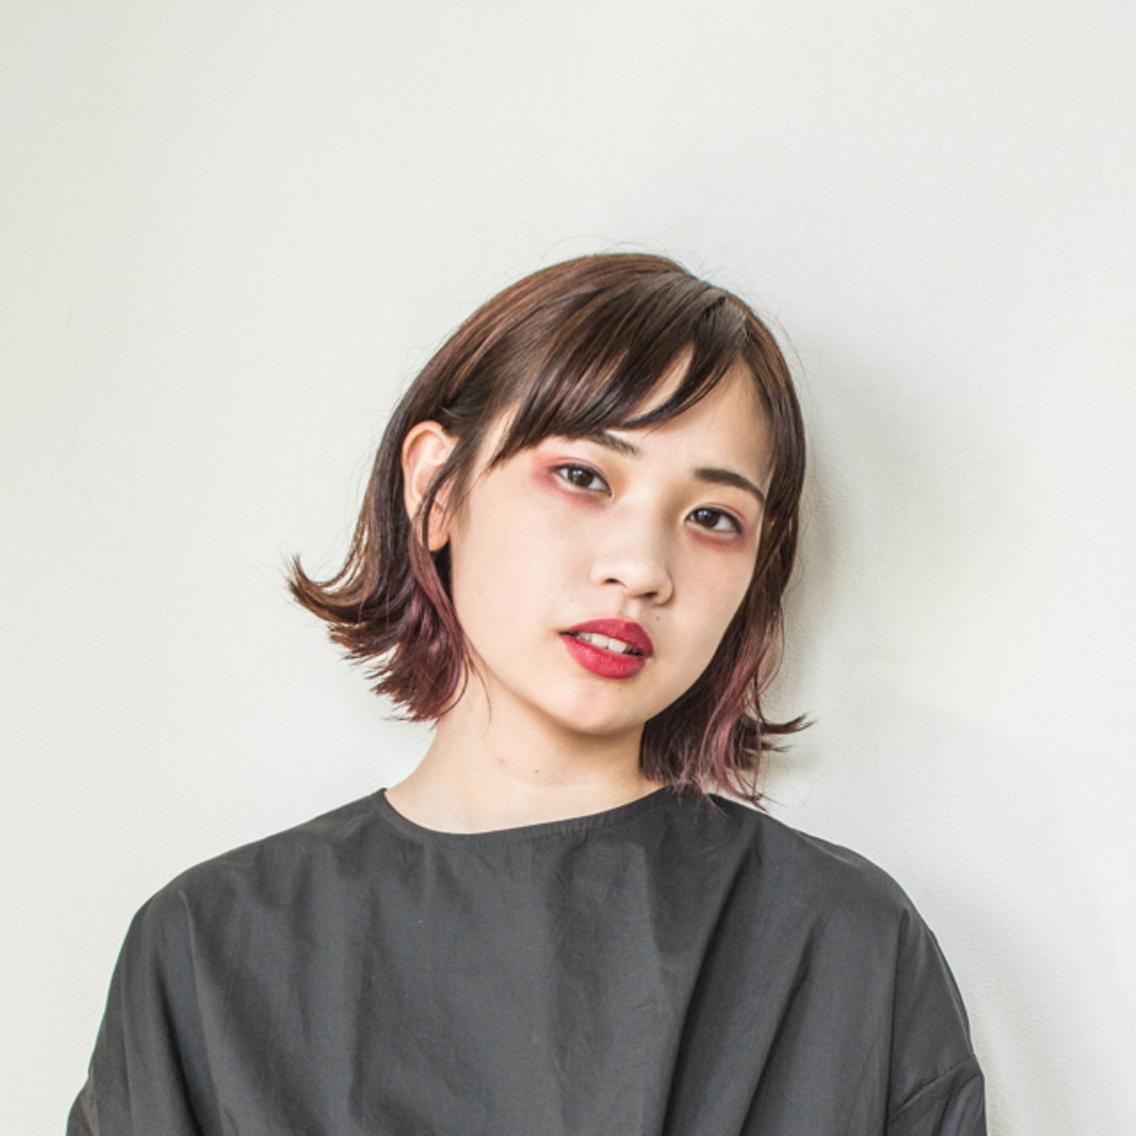 ☆撮影モデル募集中☆×☆ショートカット限定カット☆